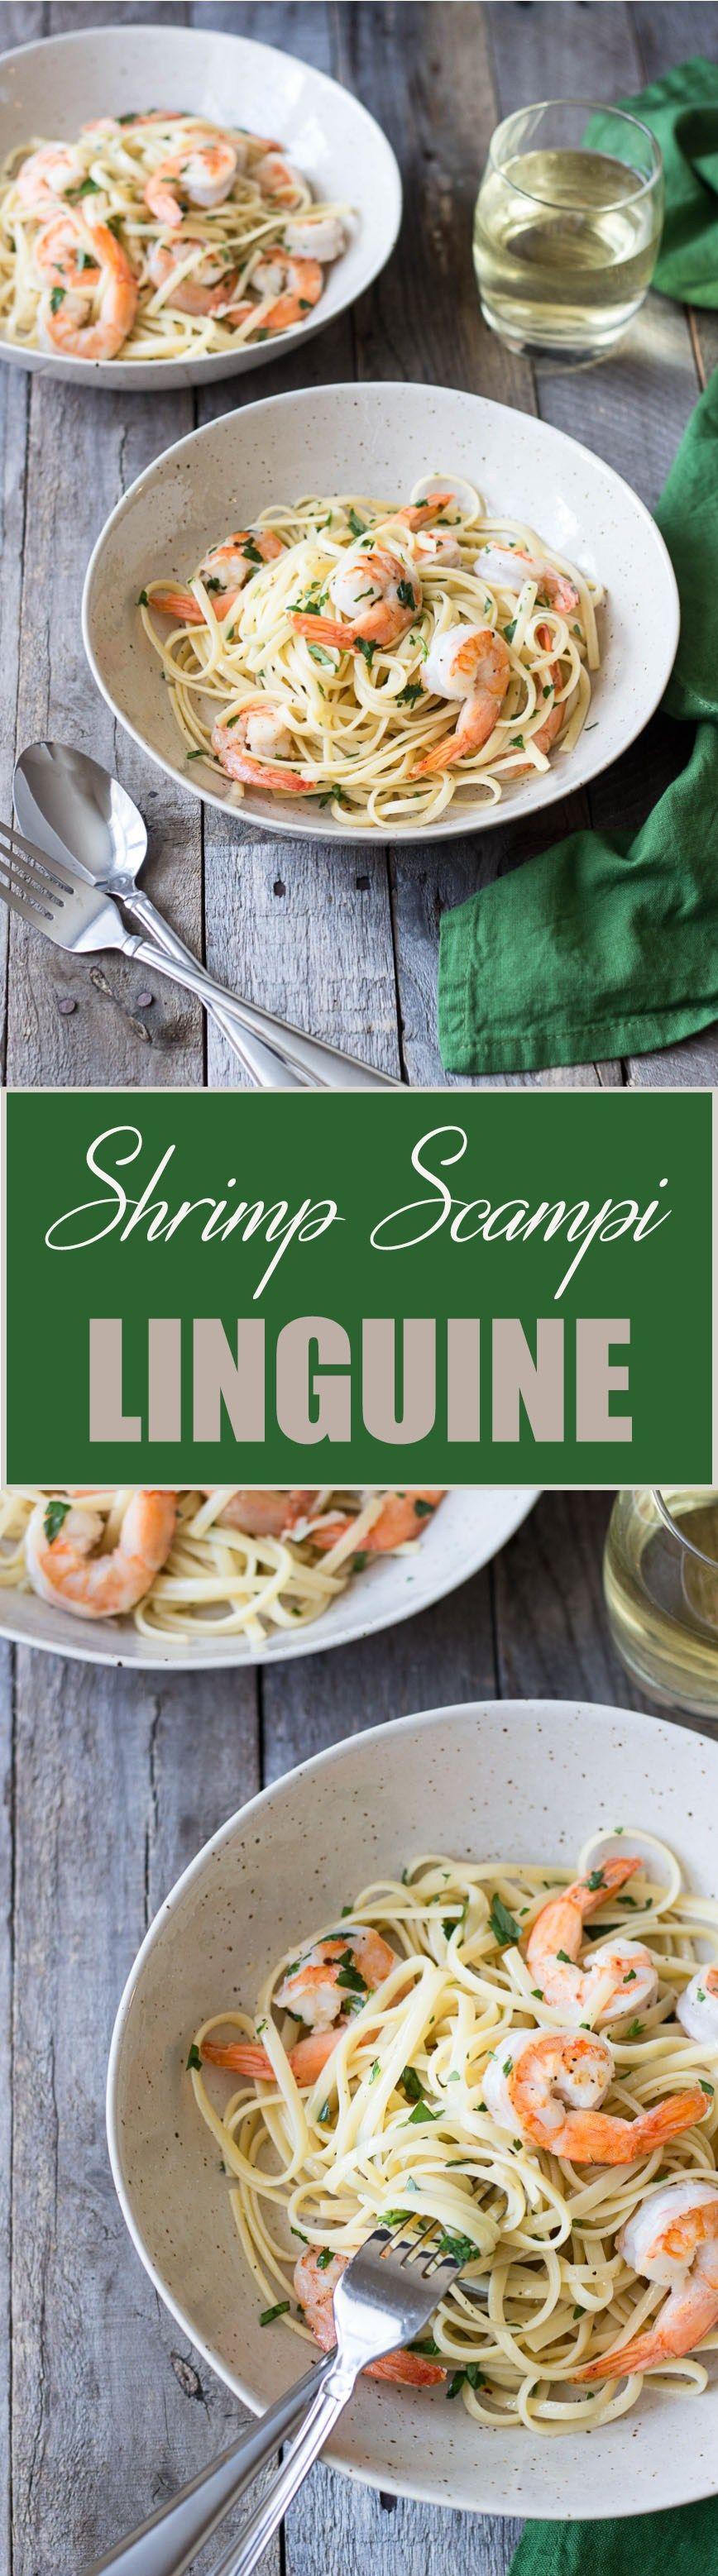 Shrimp Scampi Linguine is a classic, quick Italian pasta dish. #shrimpscampirecipe #shrimpscampirecipesgarlic #shrimpscampirecipesitalian #shrimpscampi #recipes #cooking #mythreeseasons #shrimpscampi